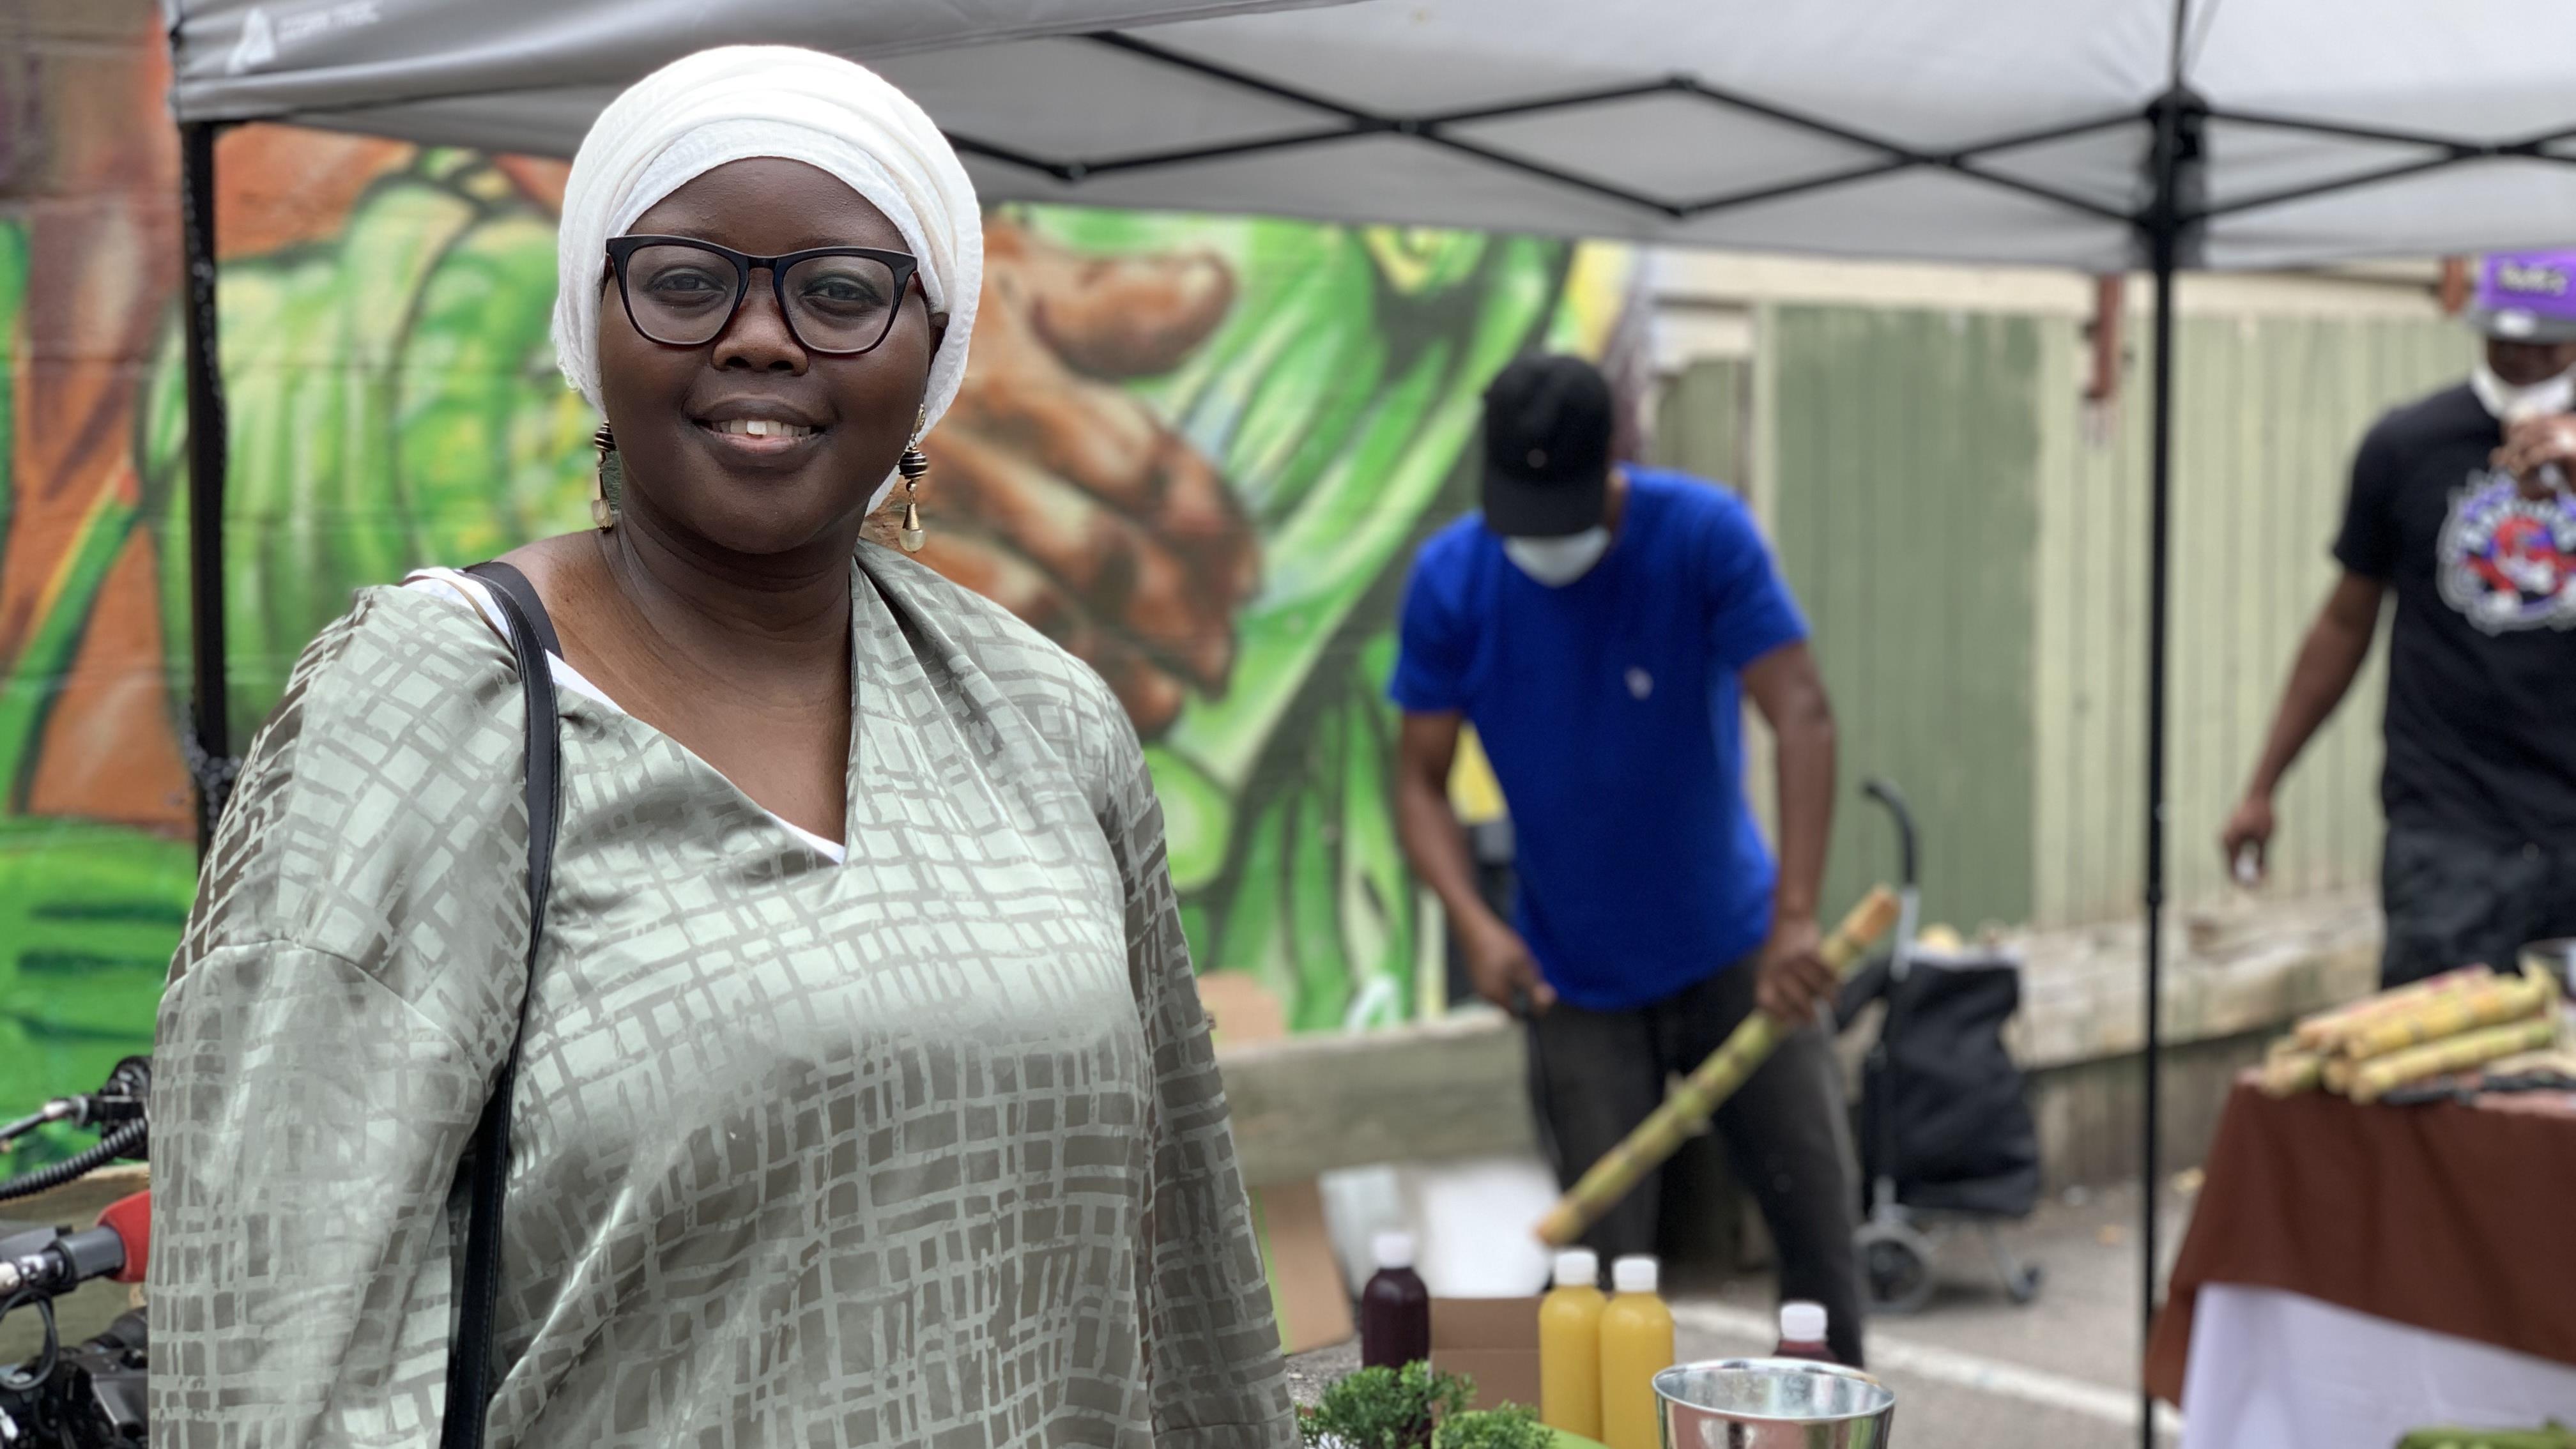 Khadyja Ndoye pose devant une murale pendant qu'une personne coupe de la canne à sucre.